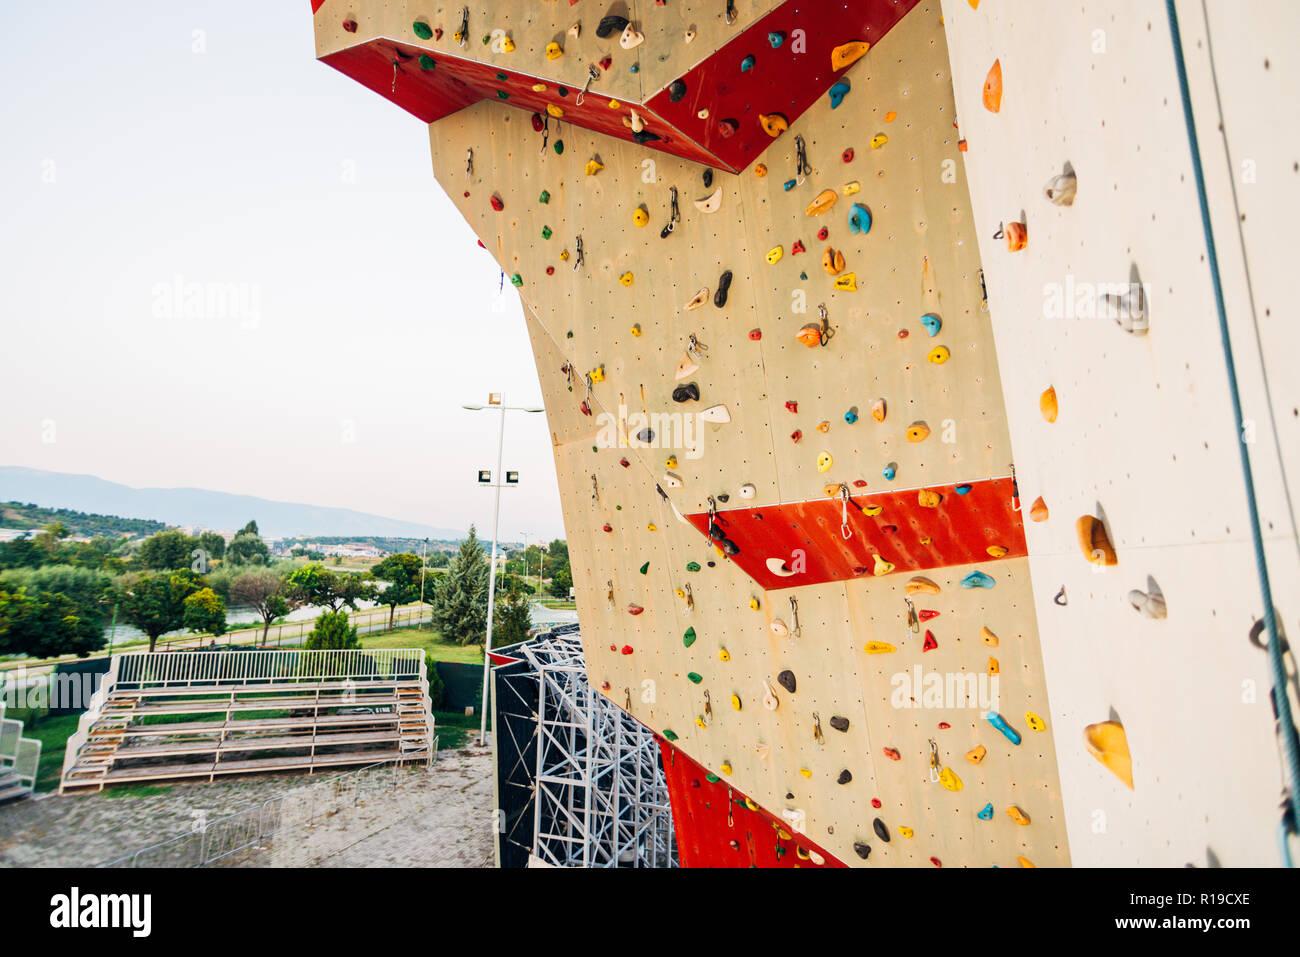 Pared de escalada al aire libre en una instalación deportiva Imagen De Stock